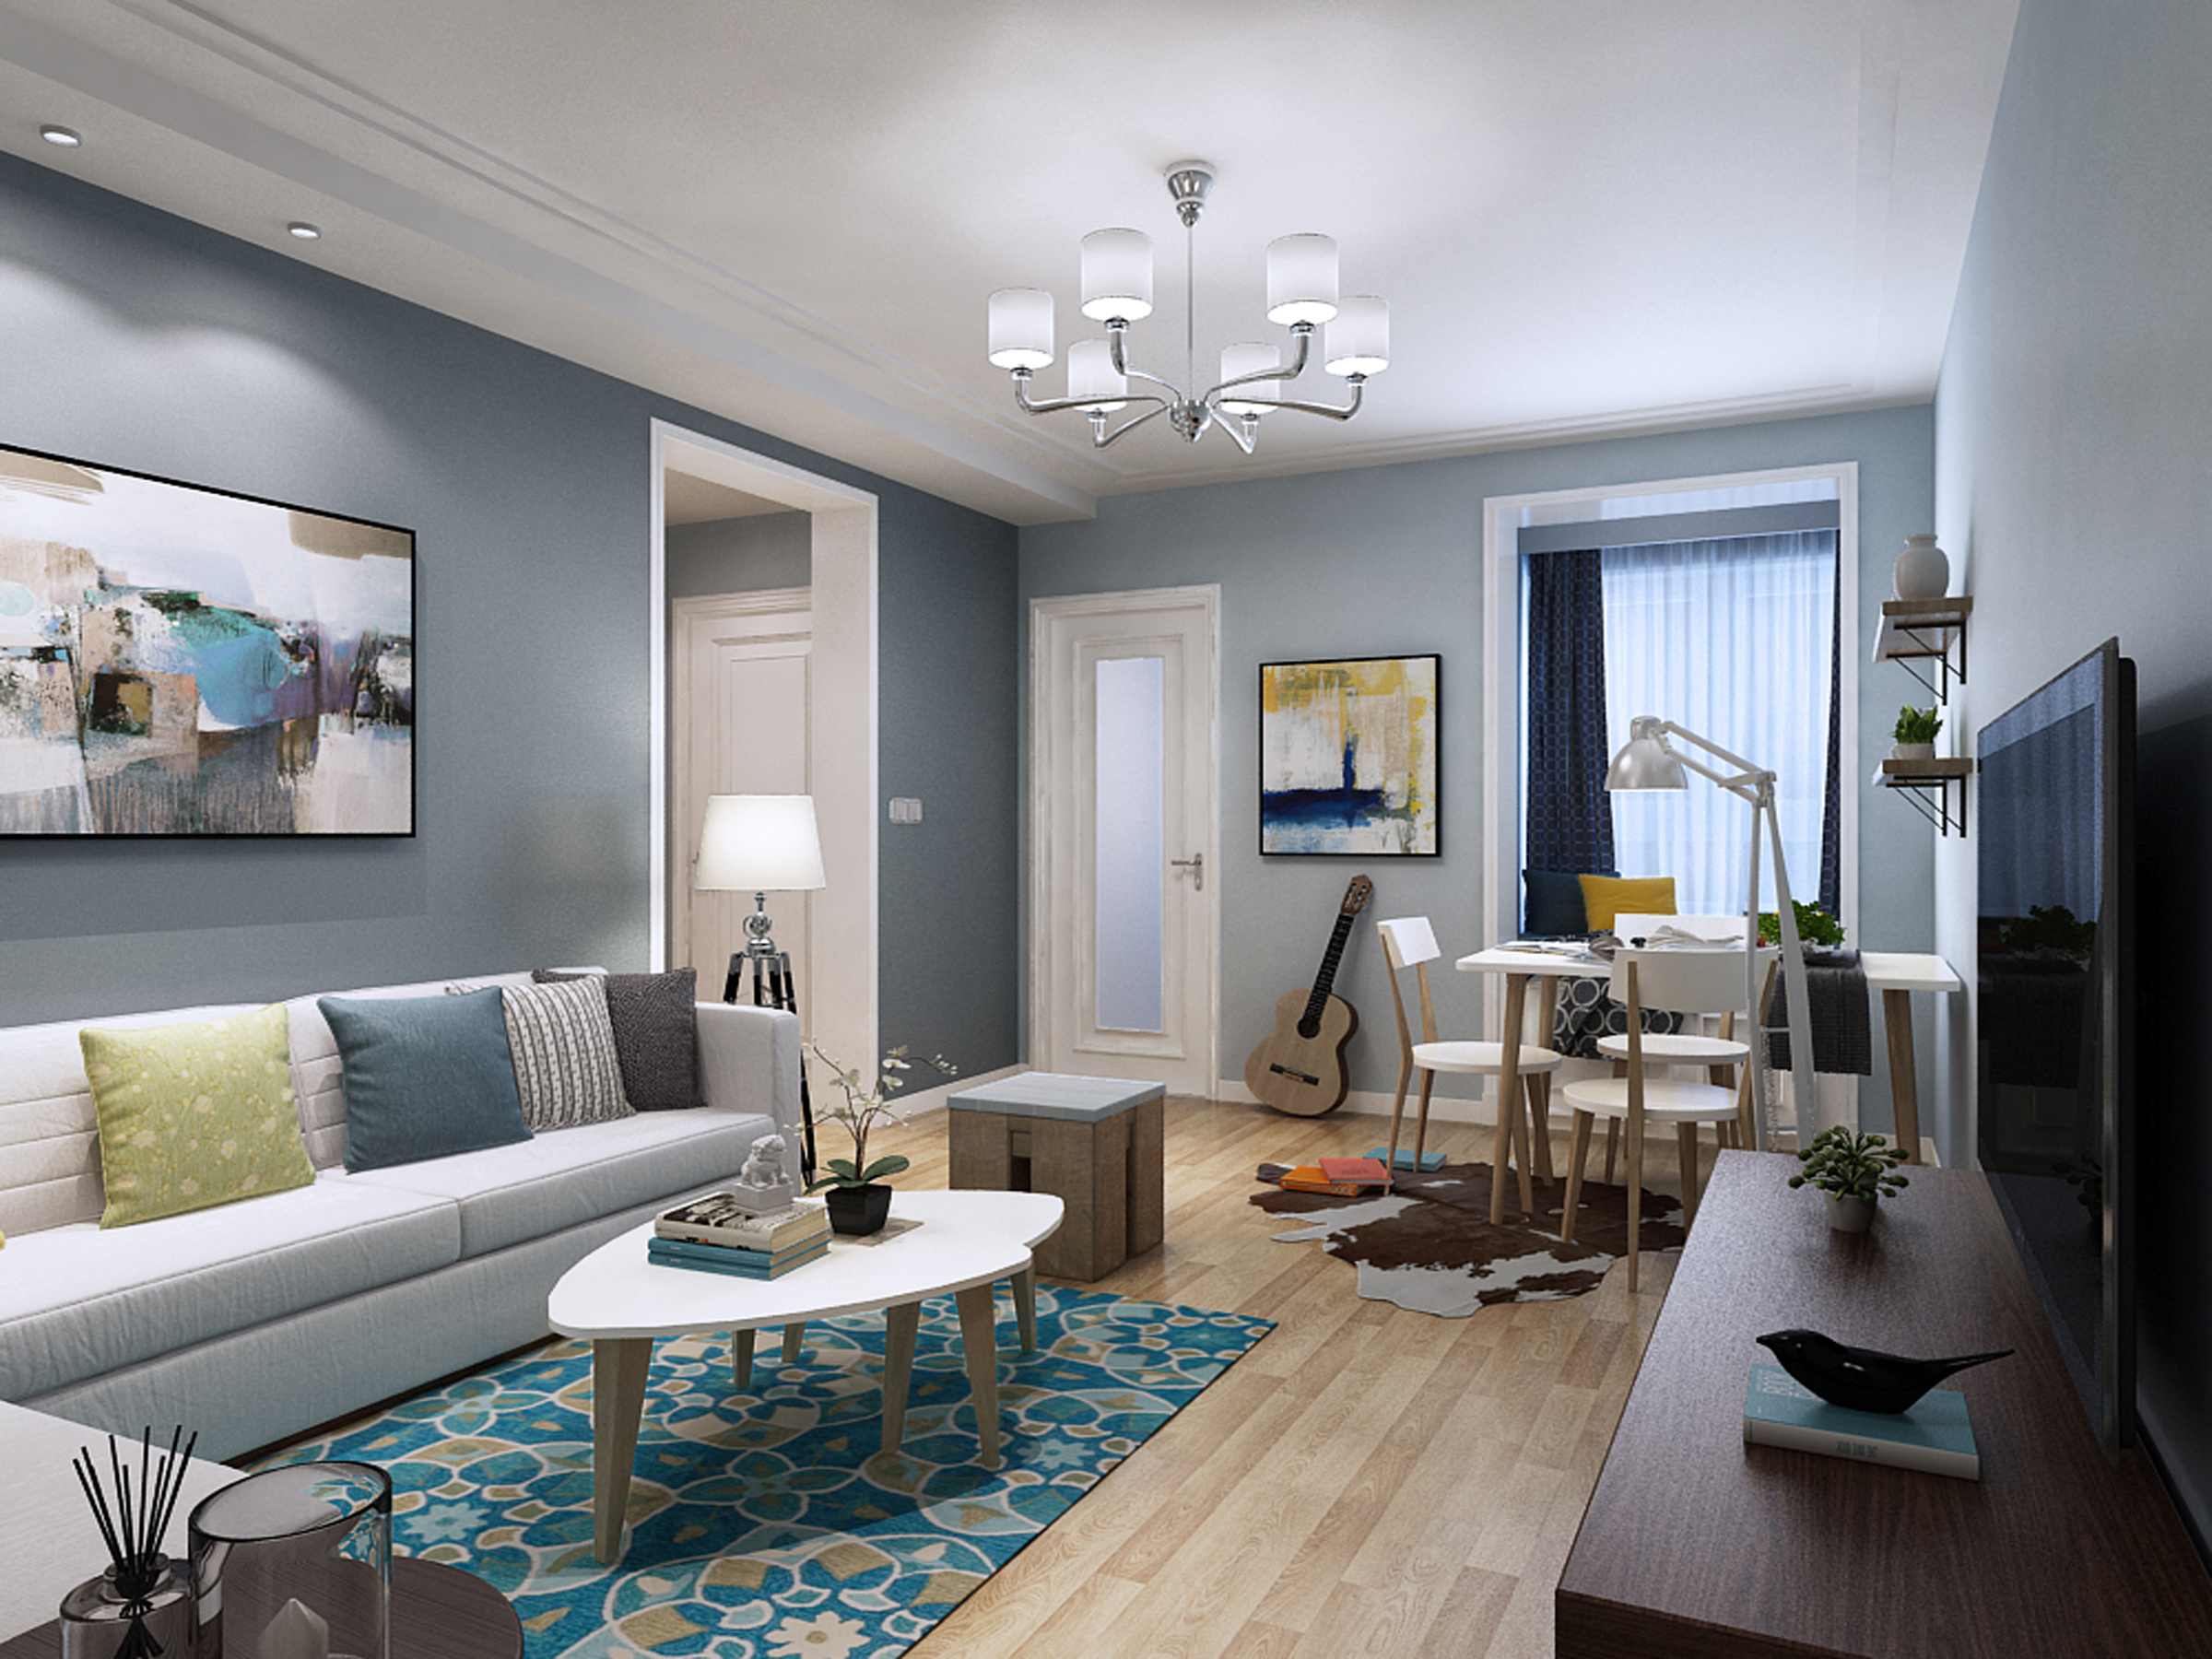 客厅:采用乳白色跌级吊顶搭配以白色金属支架吊灯,浅色木质地板配以